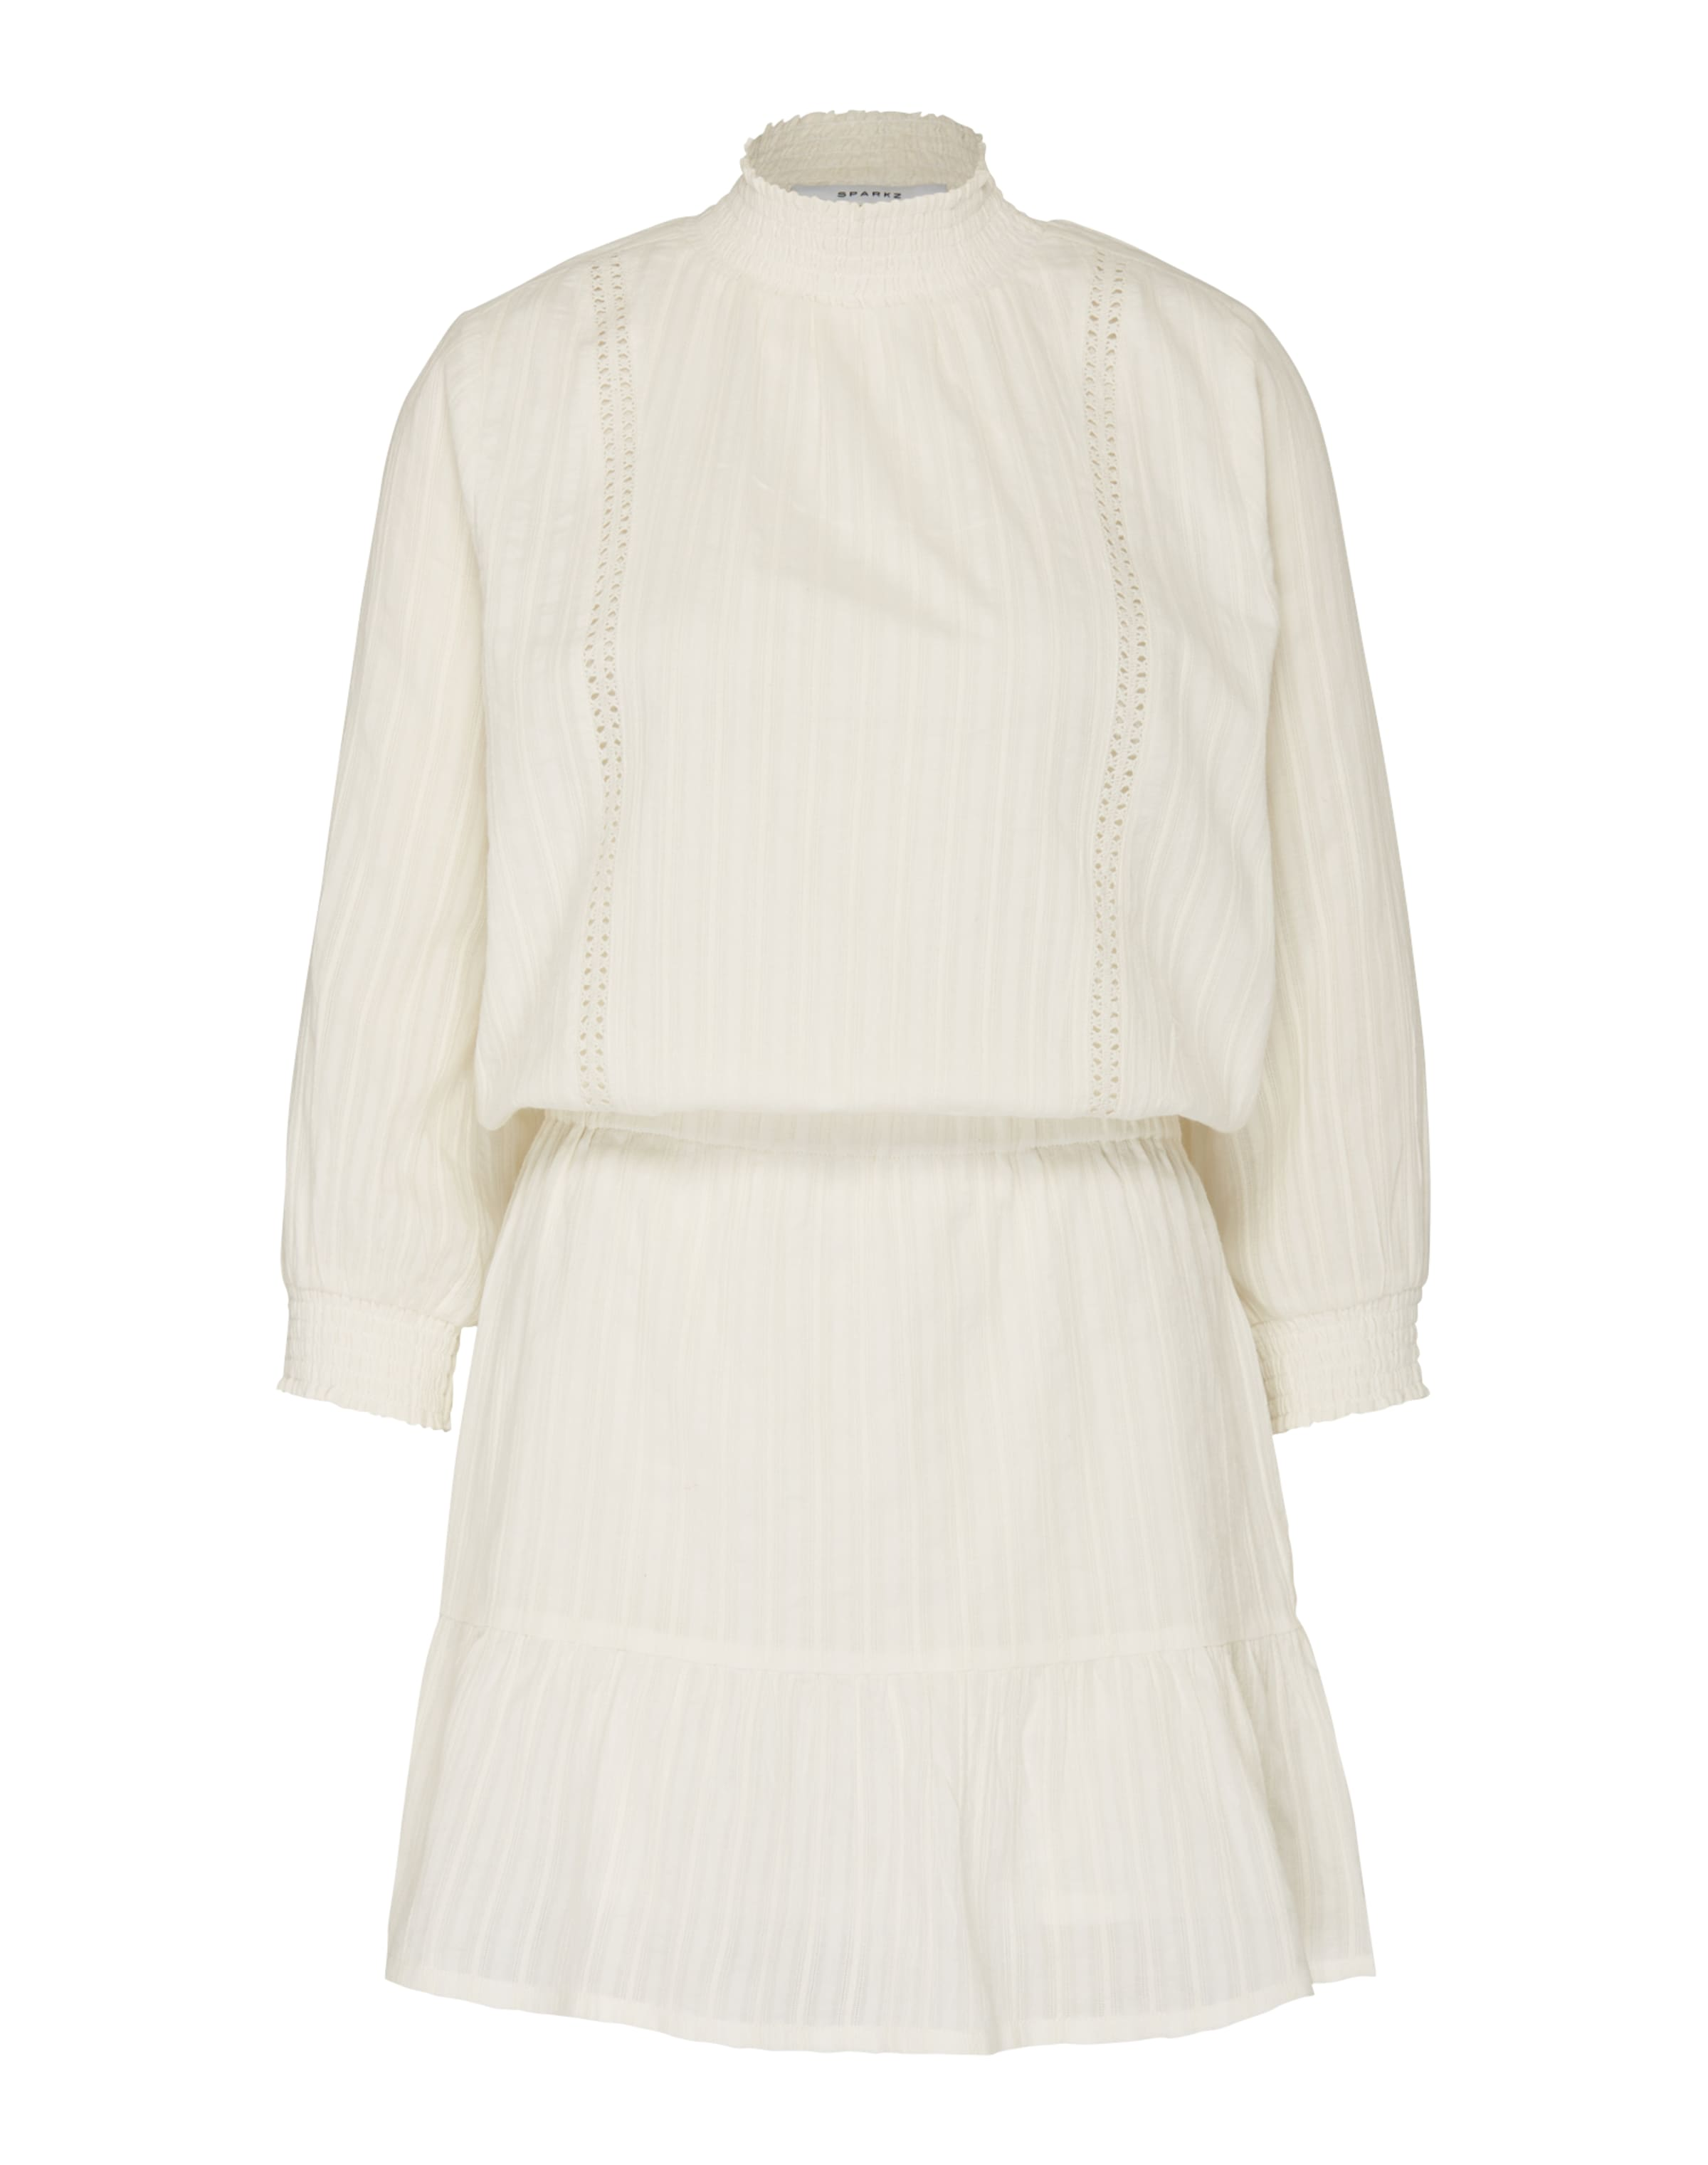 Verkaufskosten Sparkz Blusenkleid 'Jael' Zuverlässig Günstig Online Amazonas Günstige Preise 4OK1LFN